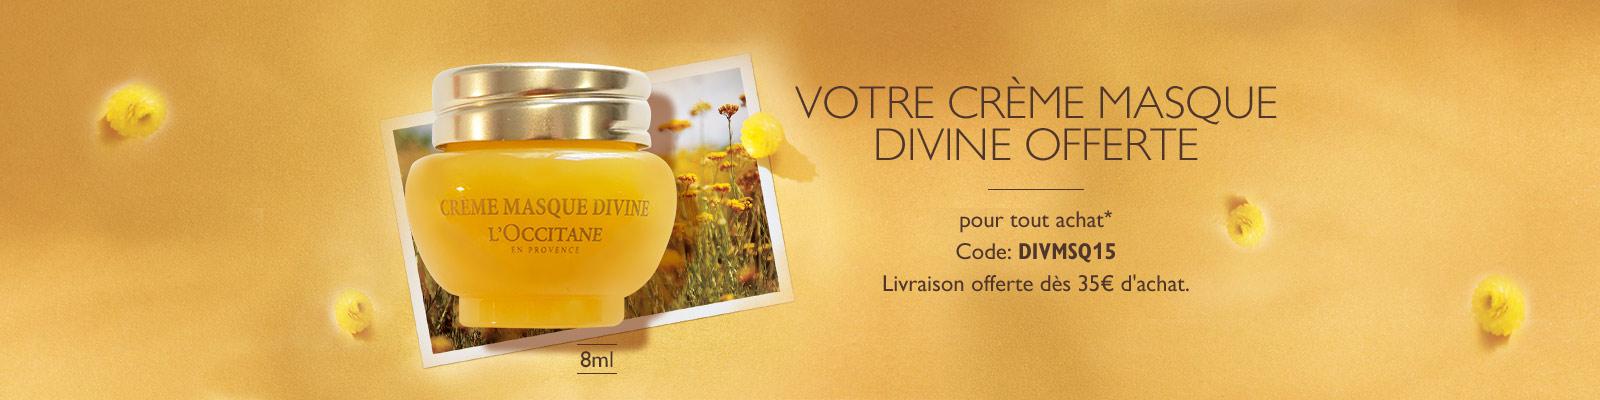 Offre Divine Masque Cream